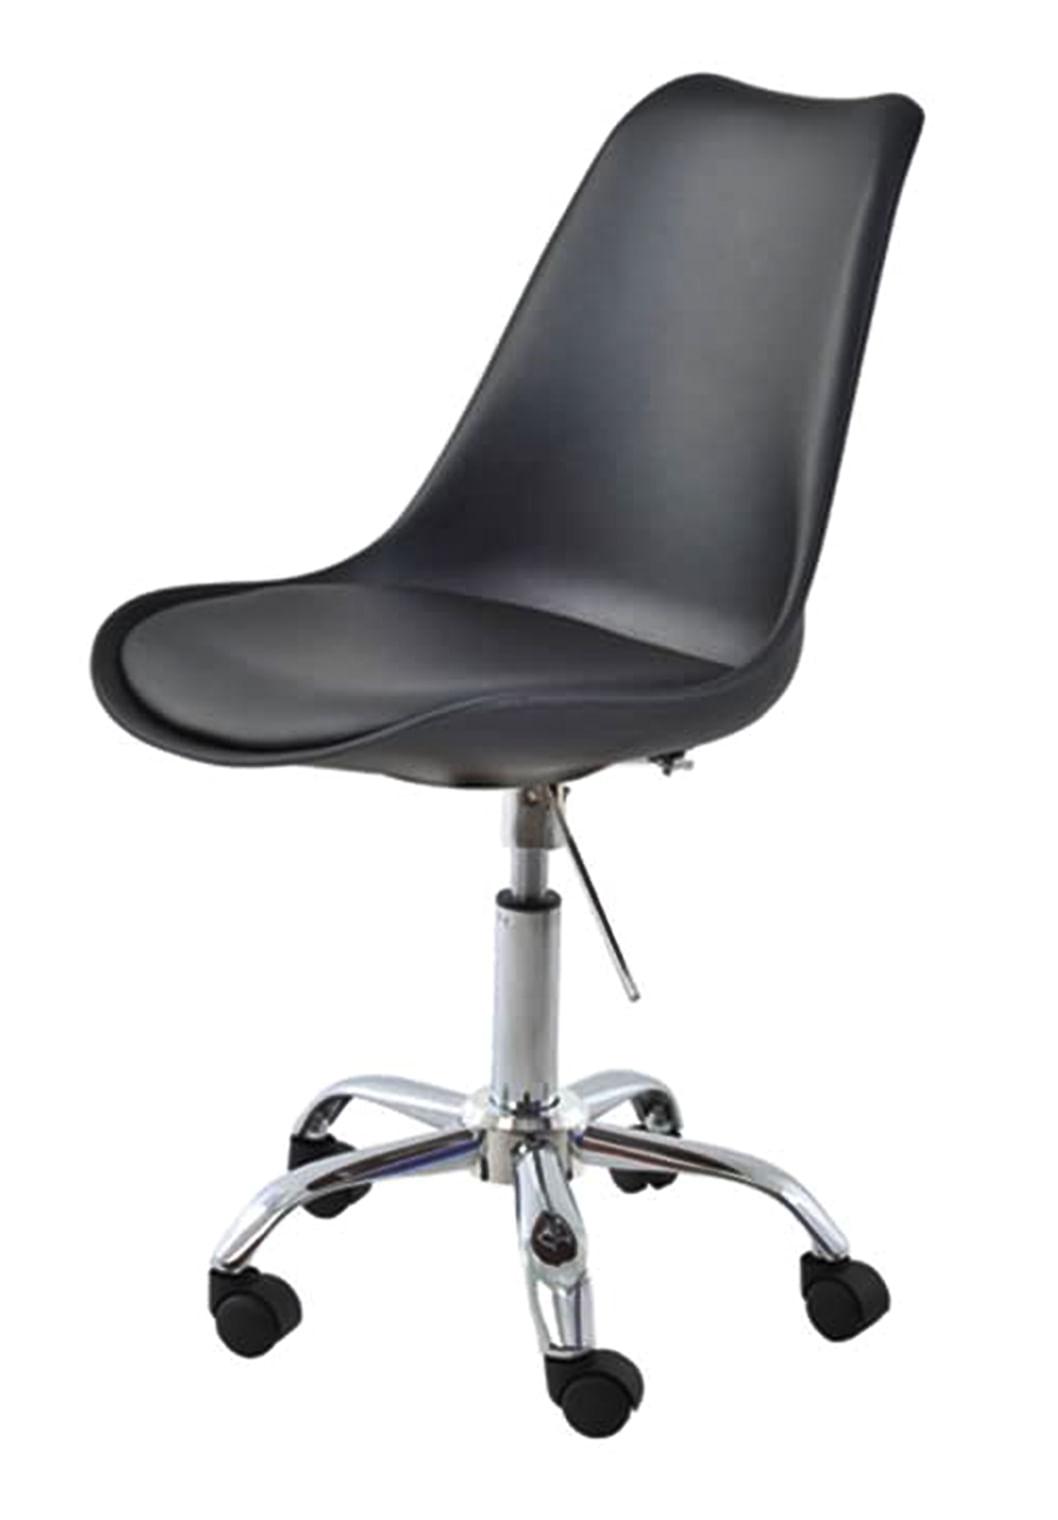 Cadeira Saarinen Assento em Polipropileno cor Preto com Base Cromada - 45065